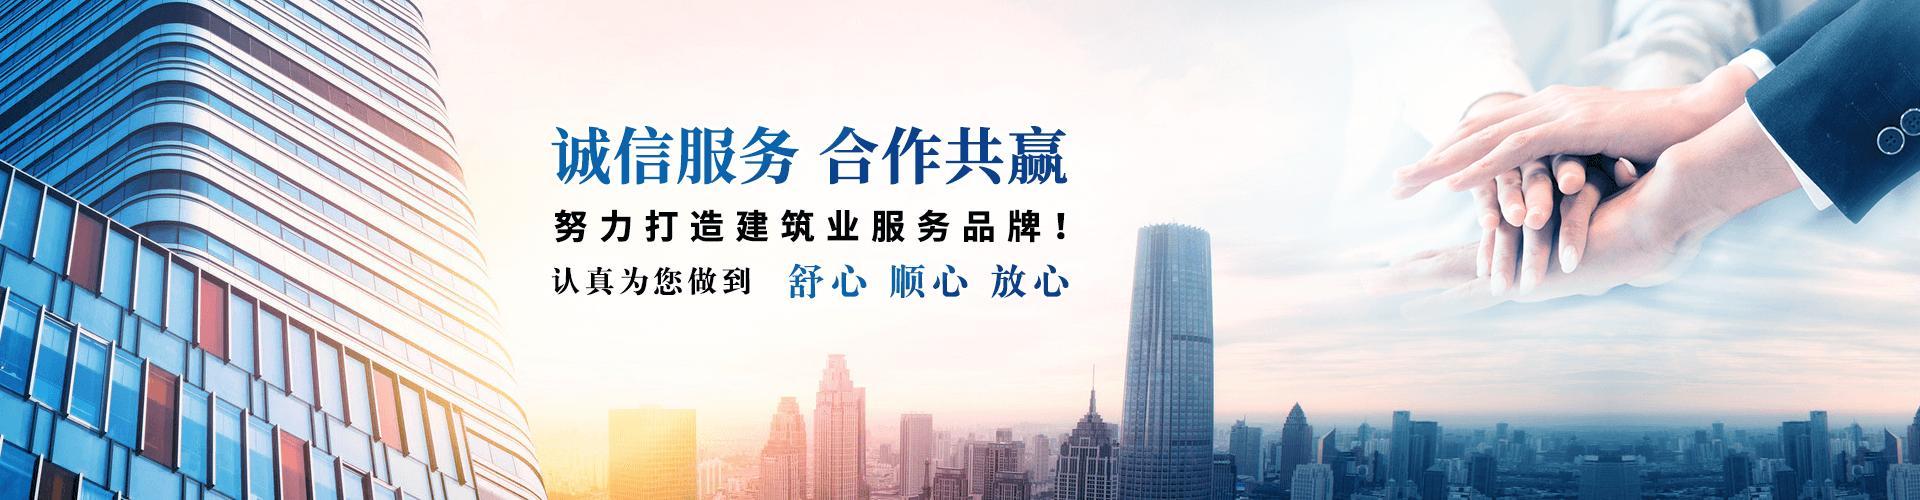 湖南建筑公司代理进江西施工备案